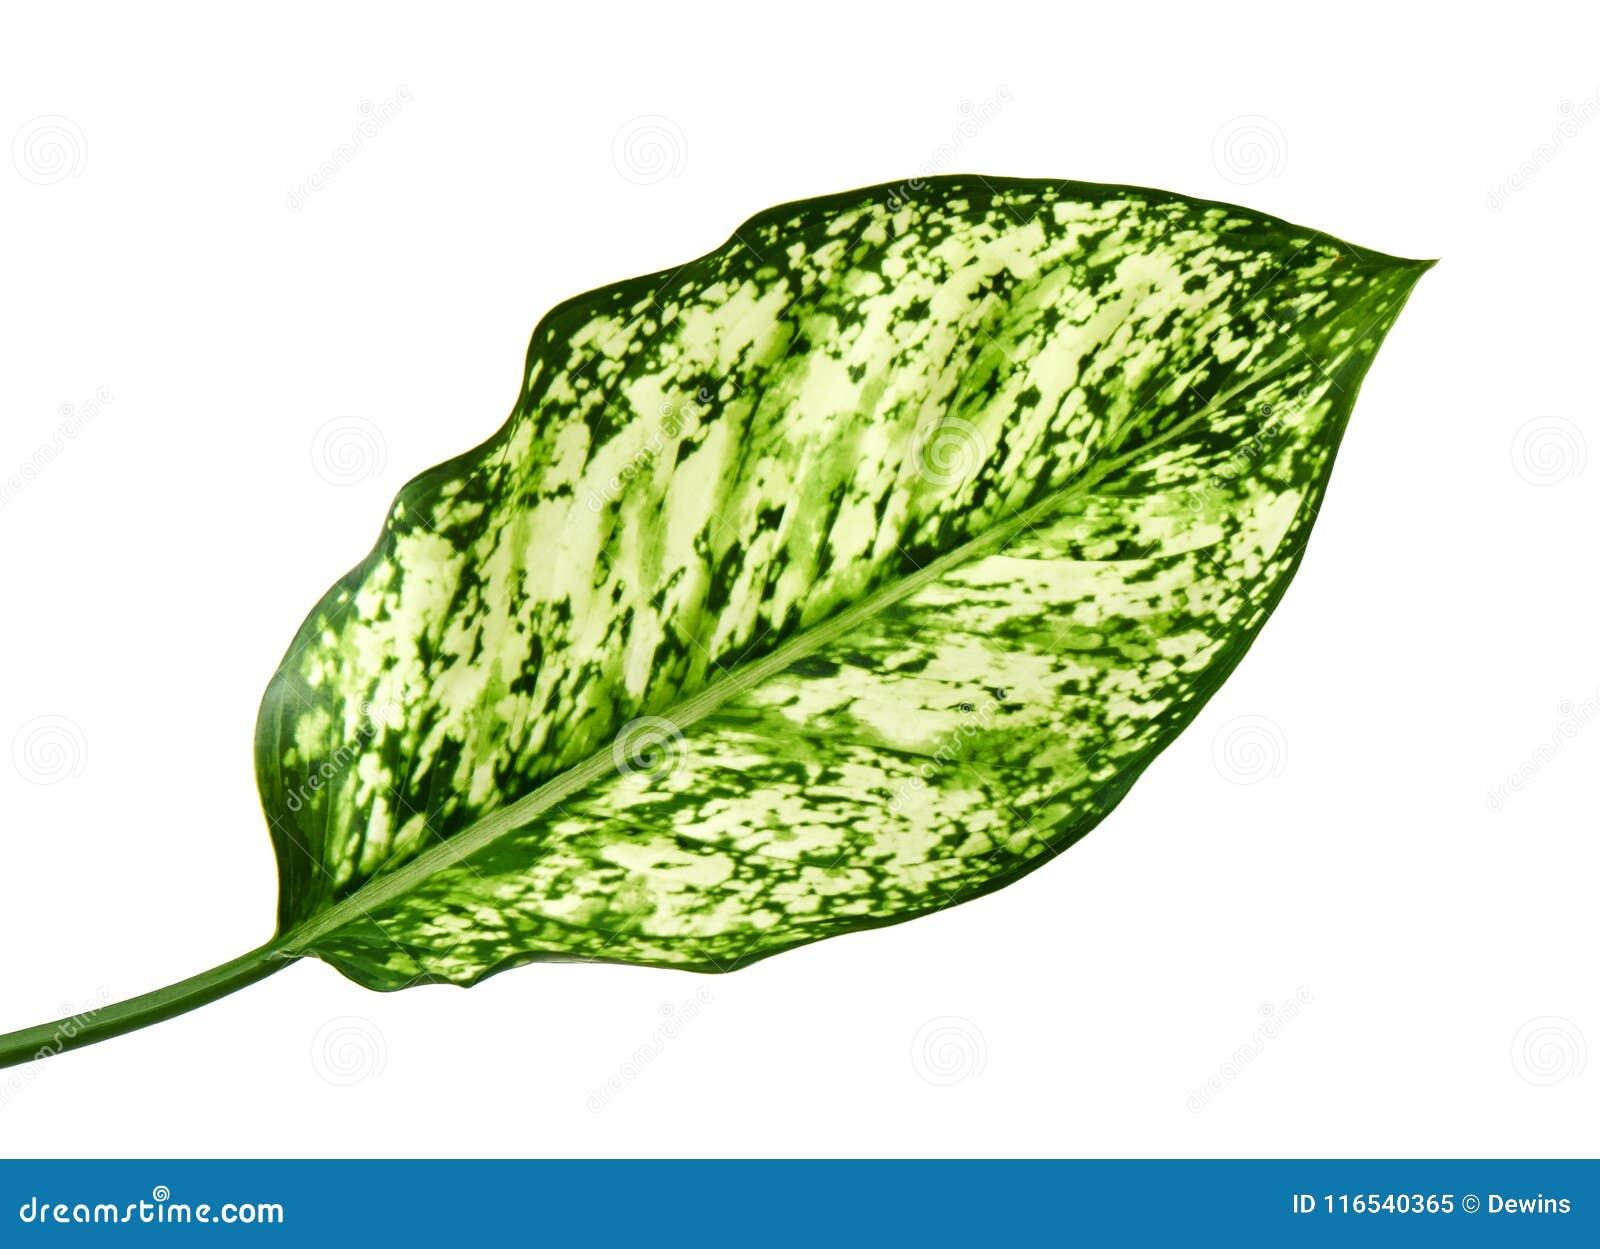 Aglaonemalövverk, kinesisk evergreen för vårsnö, exotiskt tropiskt blad som isoleras på vit bakgrund med den snabba banan